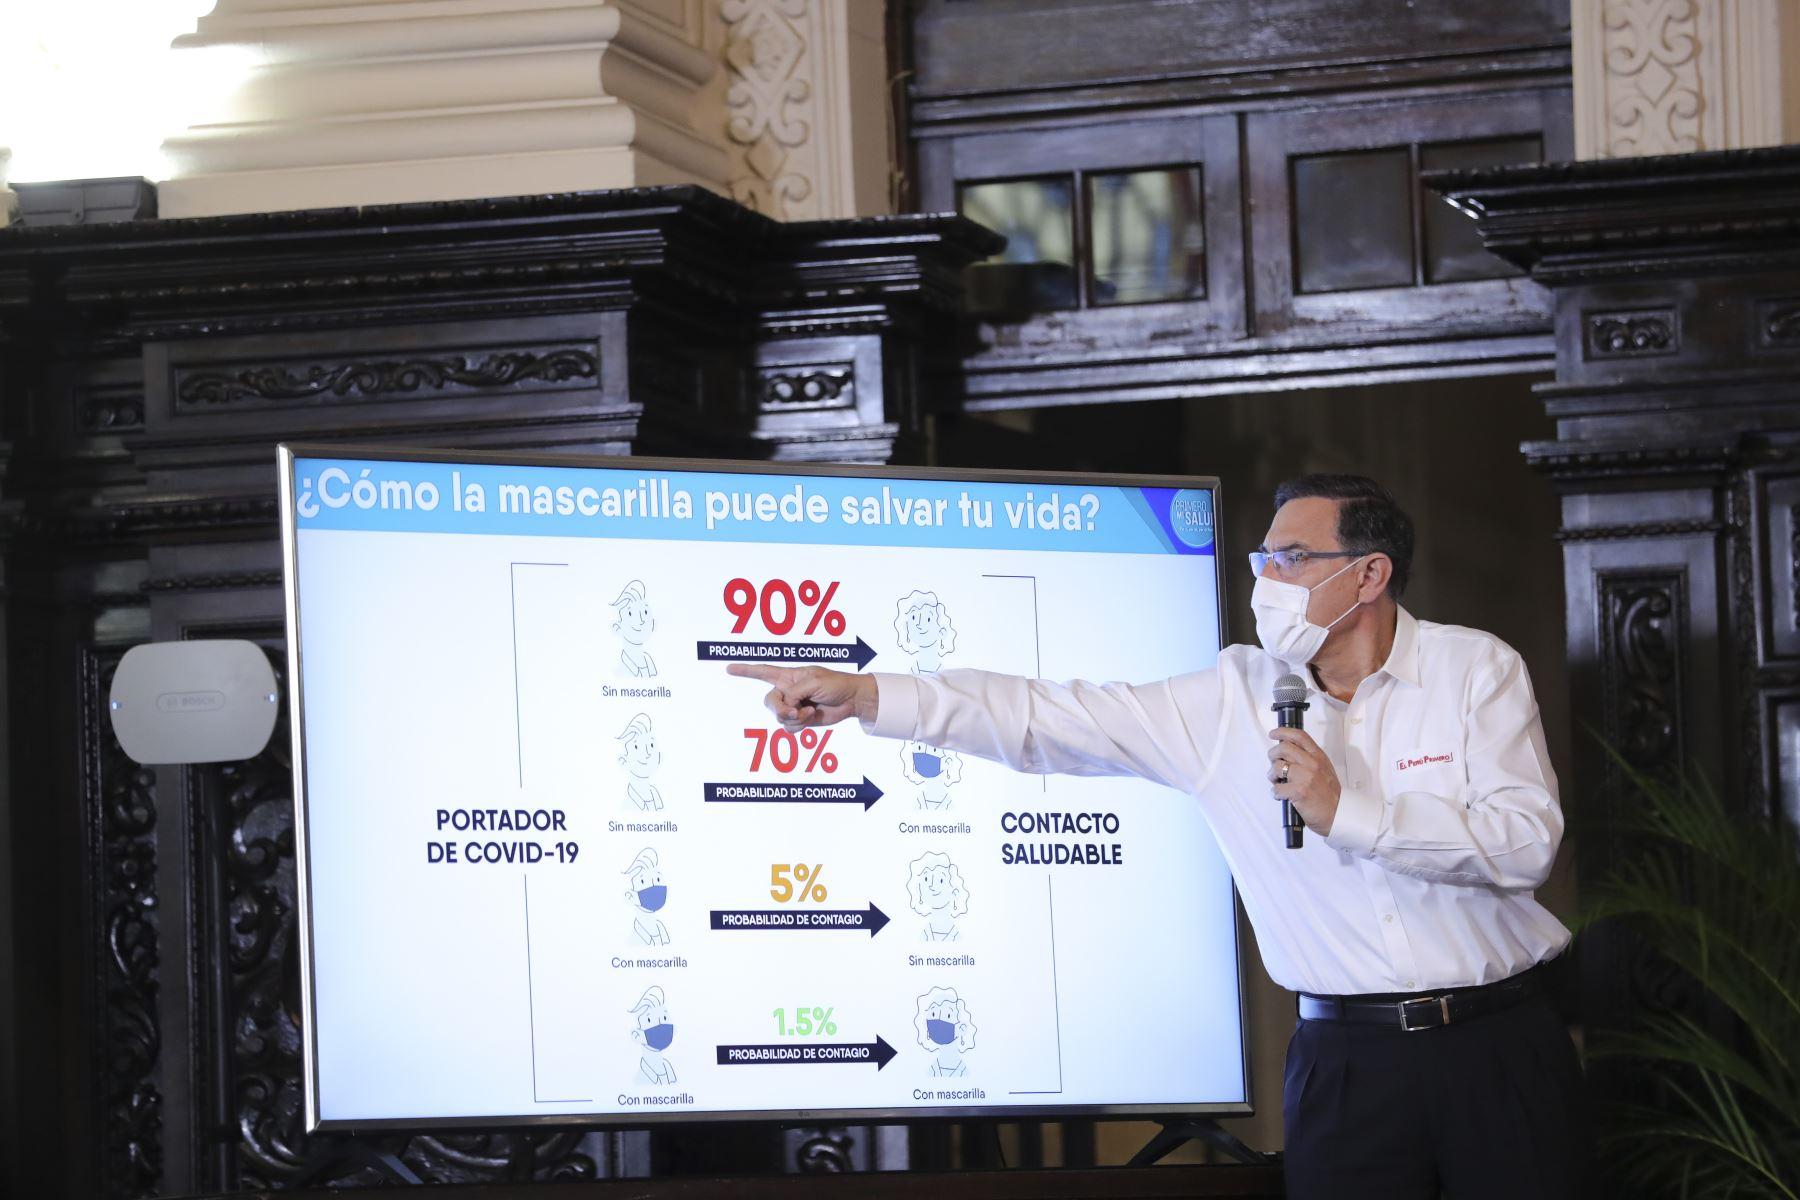 El presidente Martín Vizcarra informa a la ciudadanía sobre las medidas adoptadas durante el estado de emergencia nacional, ampliado con una cuarentena focalizada del 1 al 31 de julio. Foto: ANDINA/Prensa Presidencia